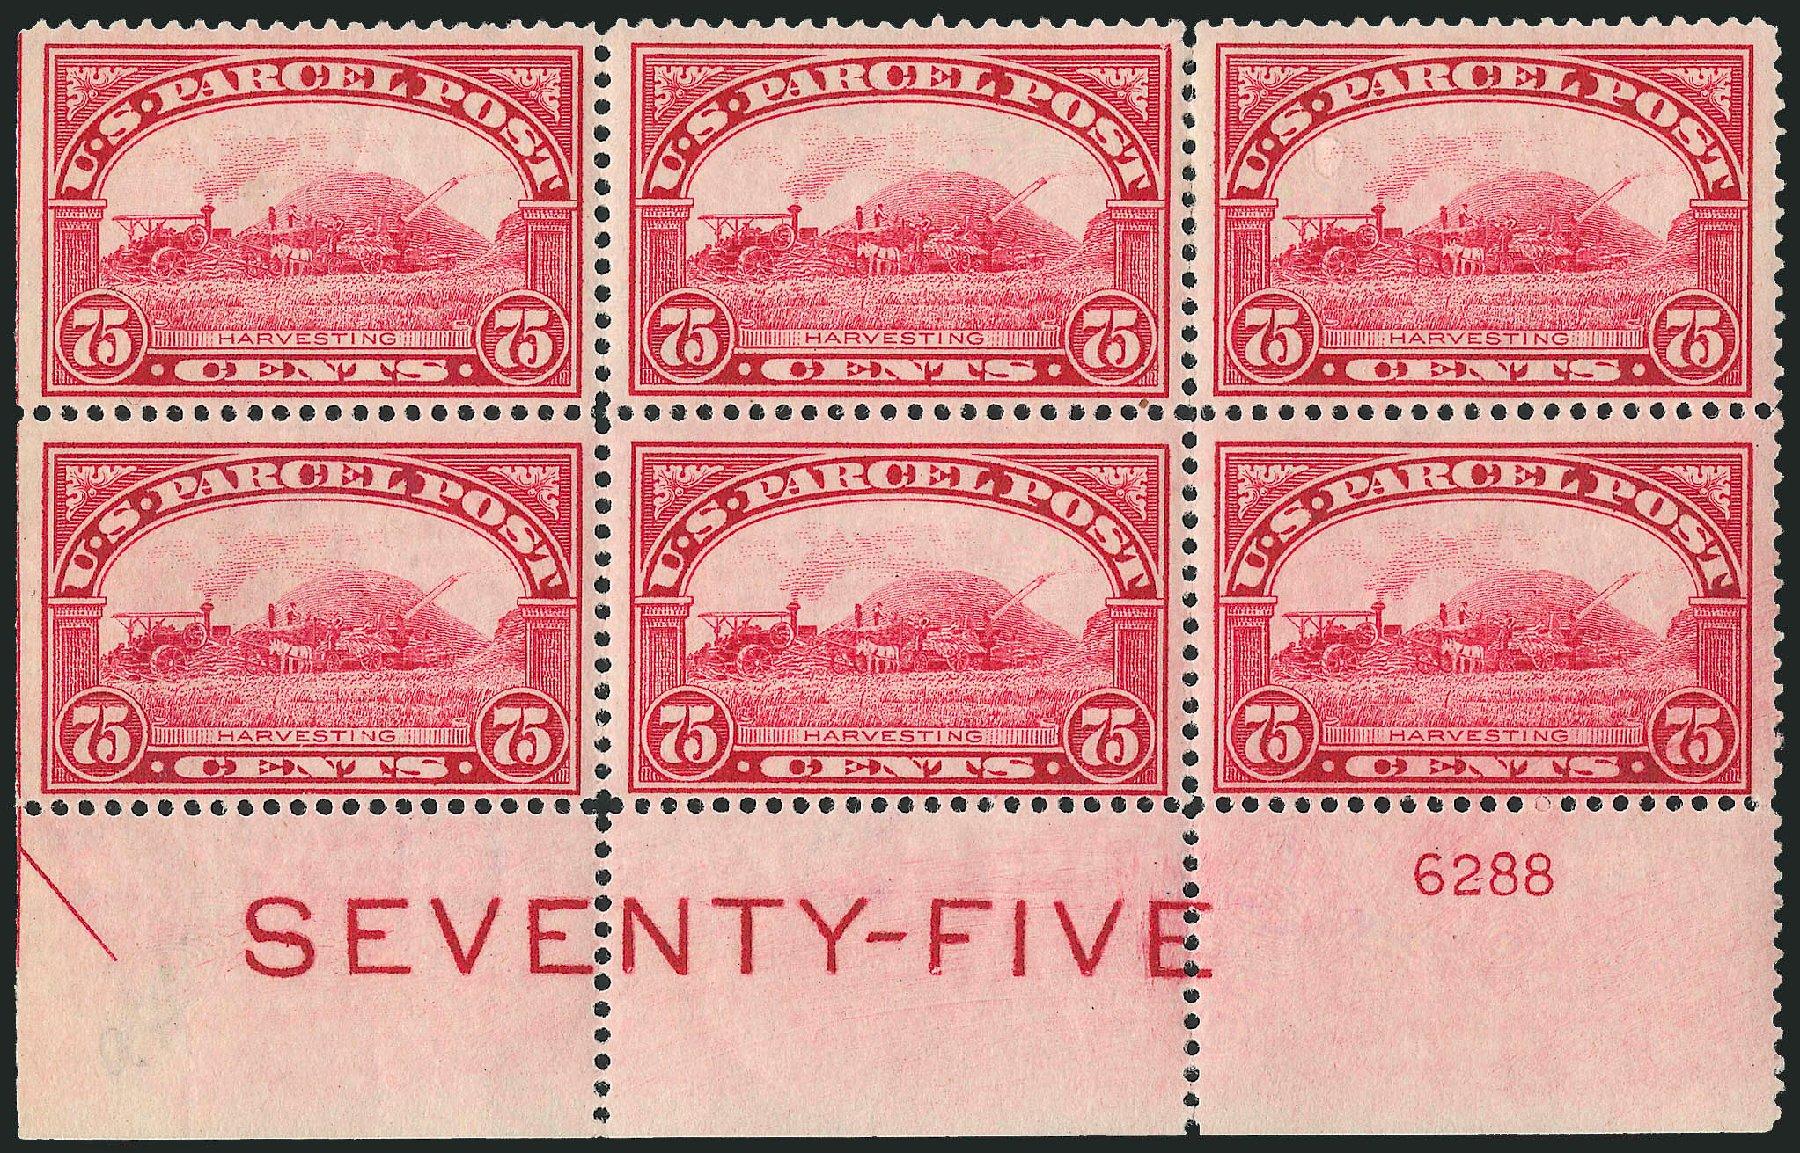 Costs of US Stamps Scott Cat. # Q11: 75c 1913 Parcel Post. Robert Siegel Auction Galleries, Apr 2009, Sale 971, Lot 2208